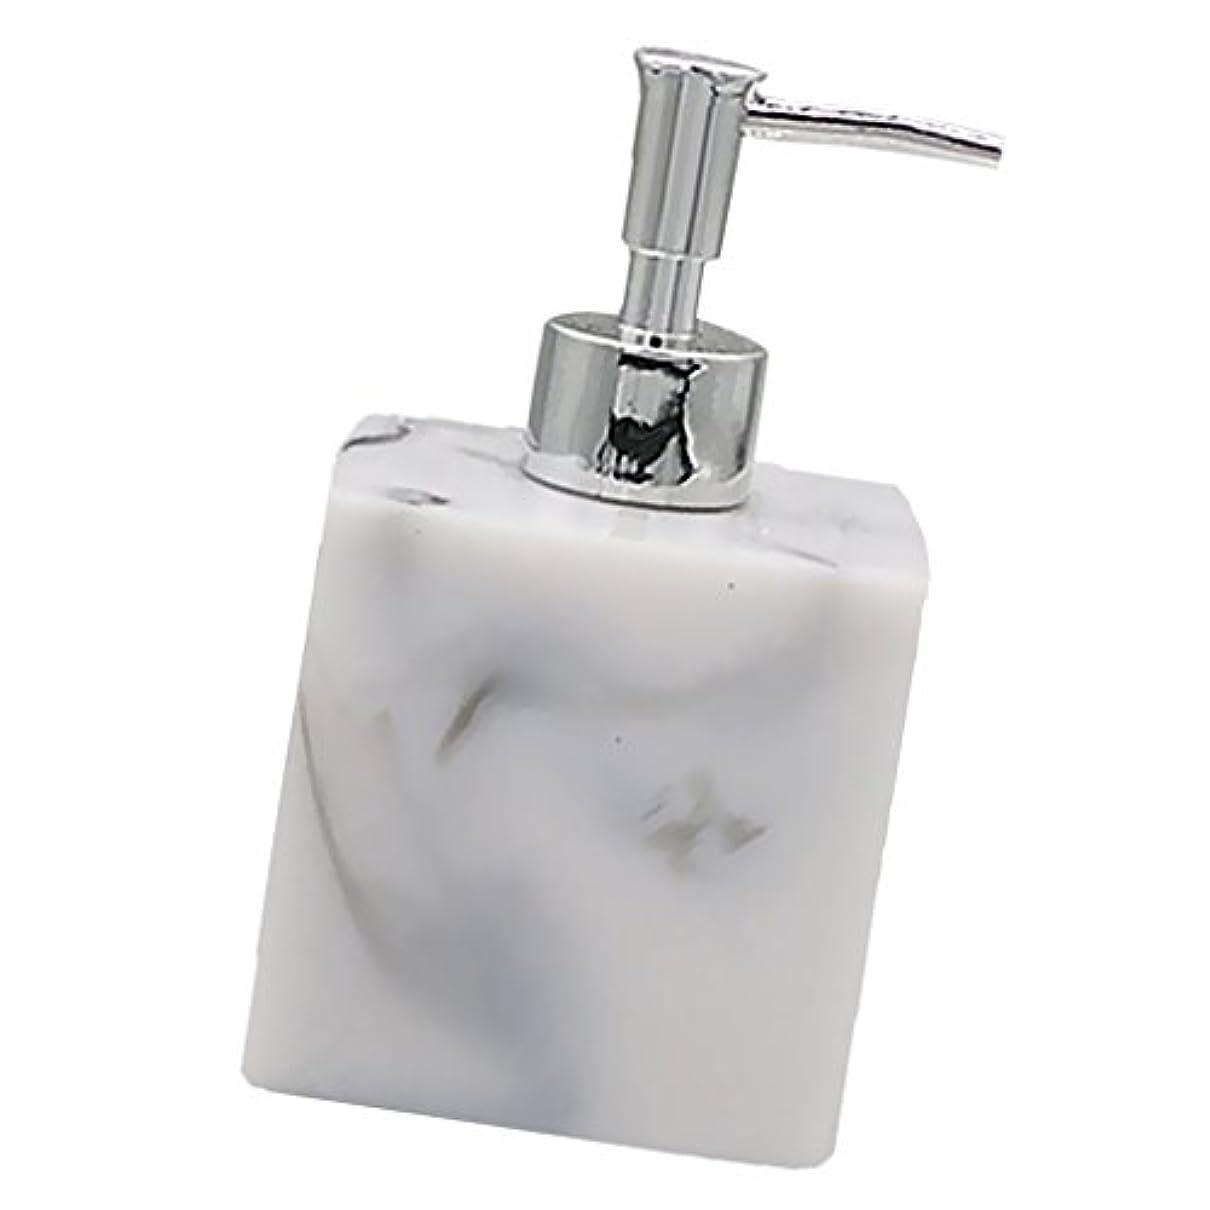 チーフゴージャス信号Baosity 実用性 石けん シャンプー ディスペンサー 5色 ポンプ式 液体ボトル バスルーム キッチン 耐久性 - 大理石